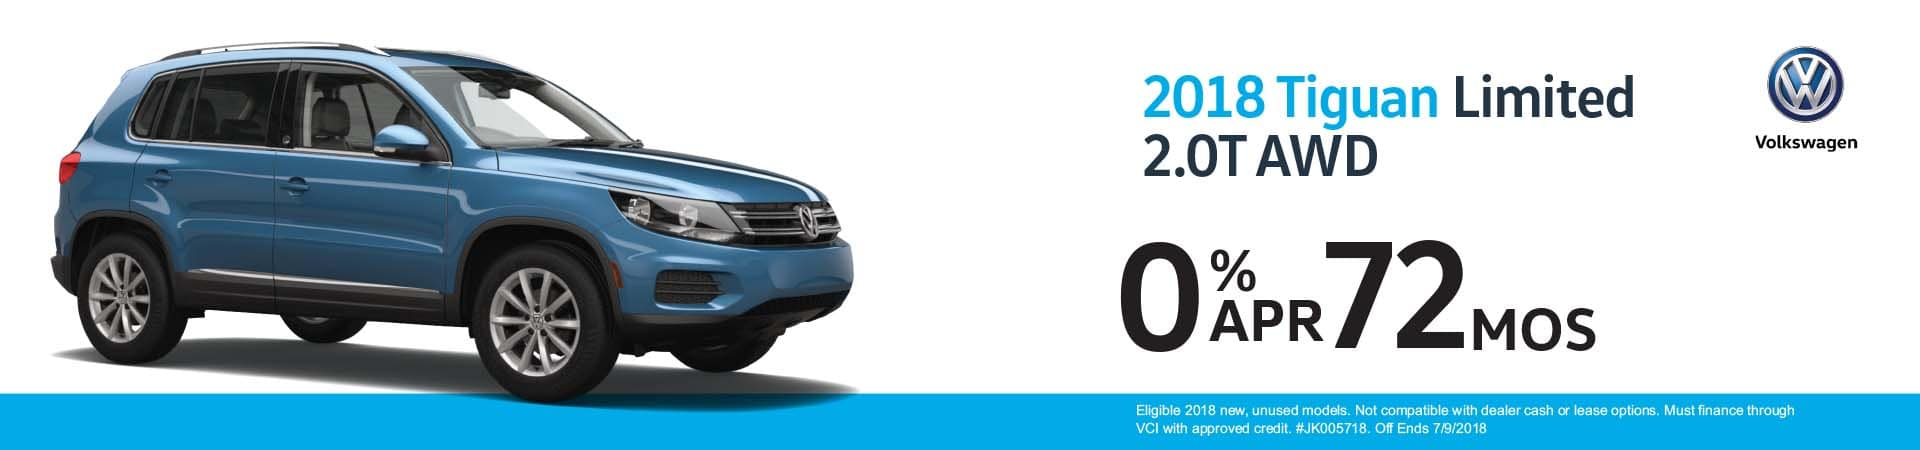 2018 Volkswagen